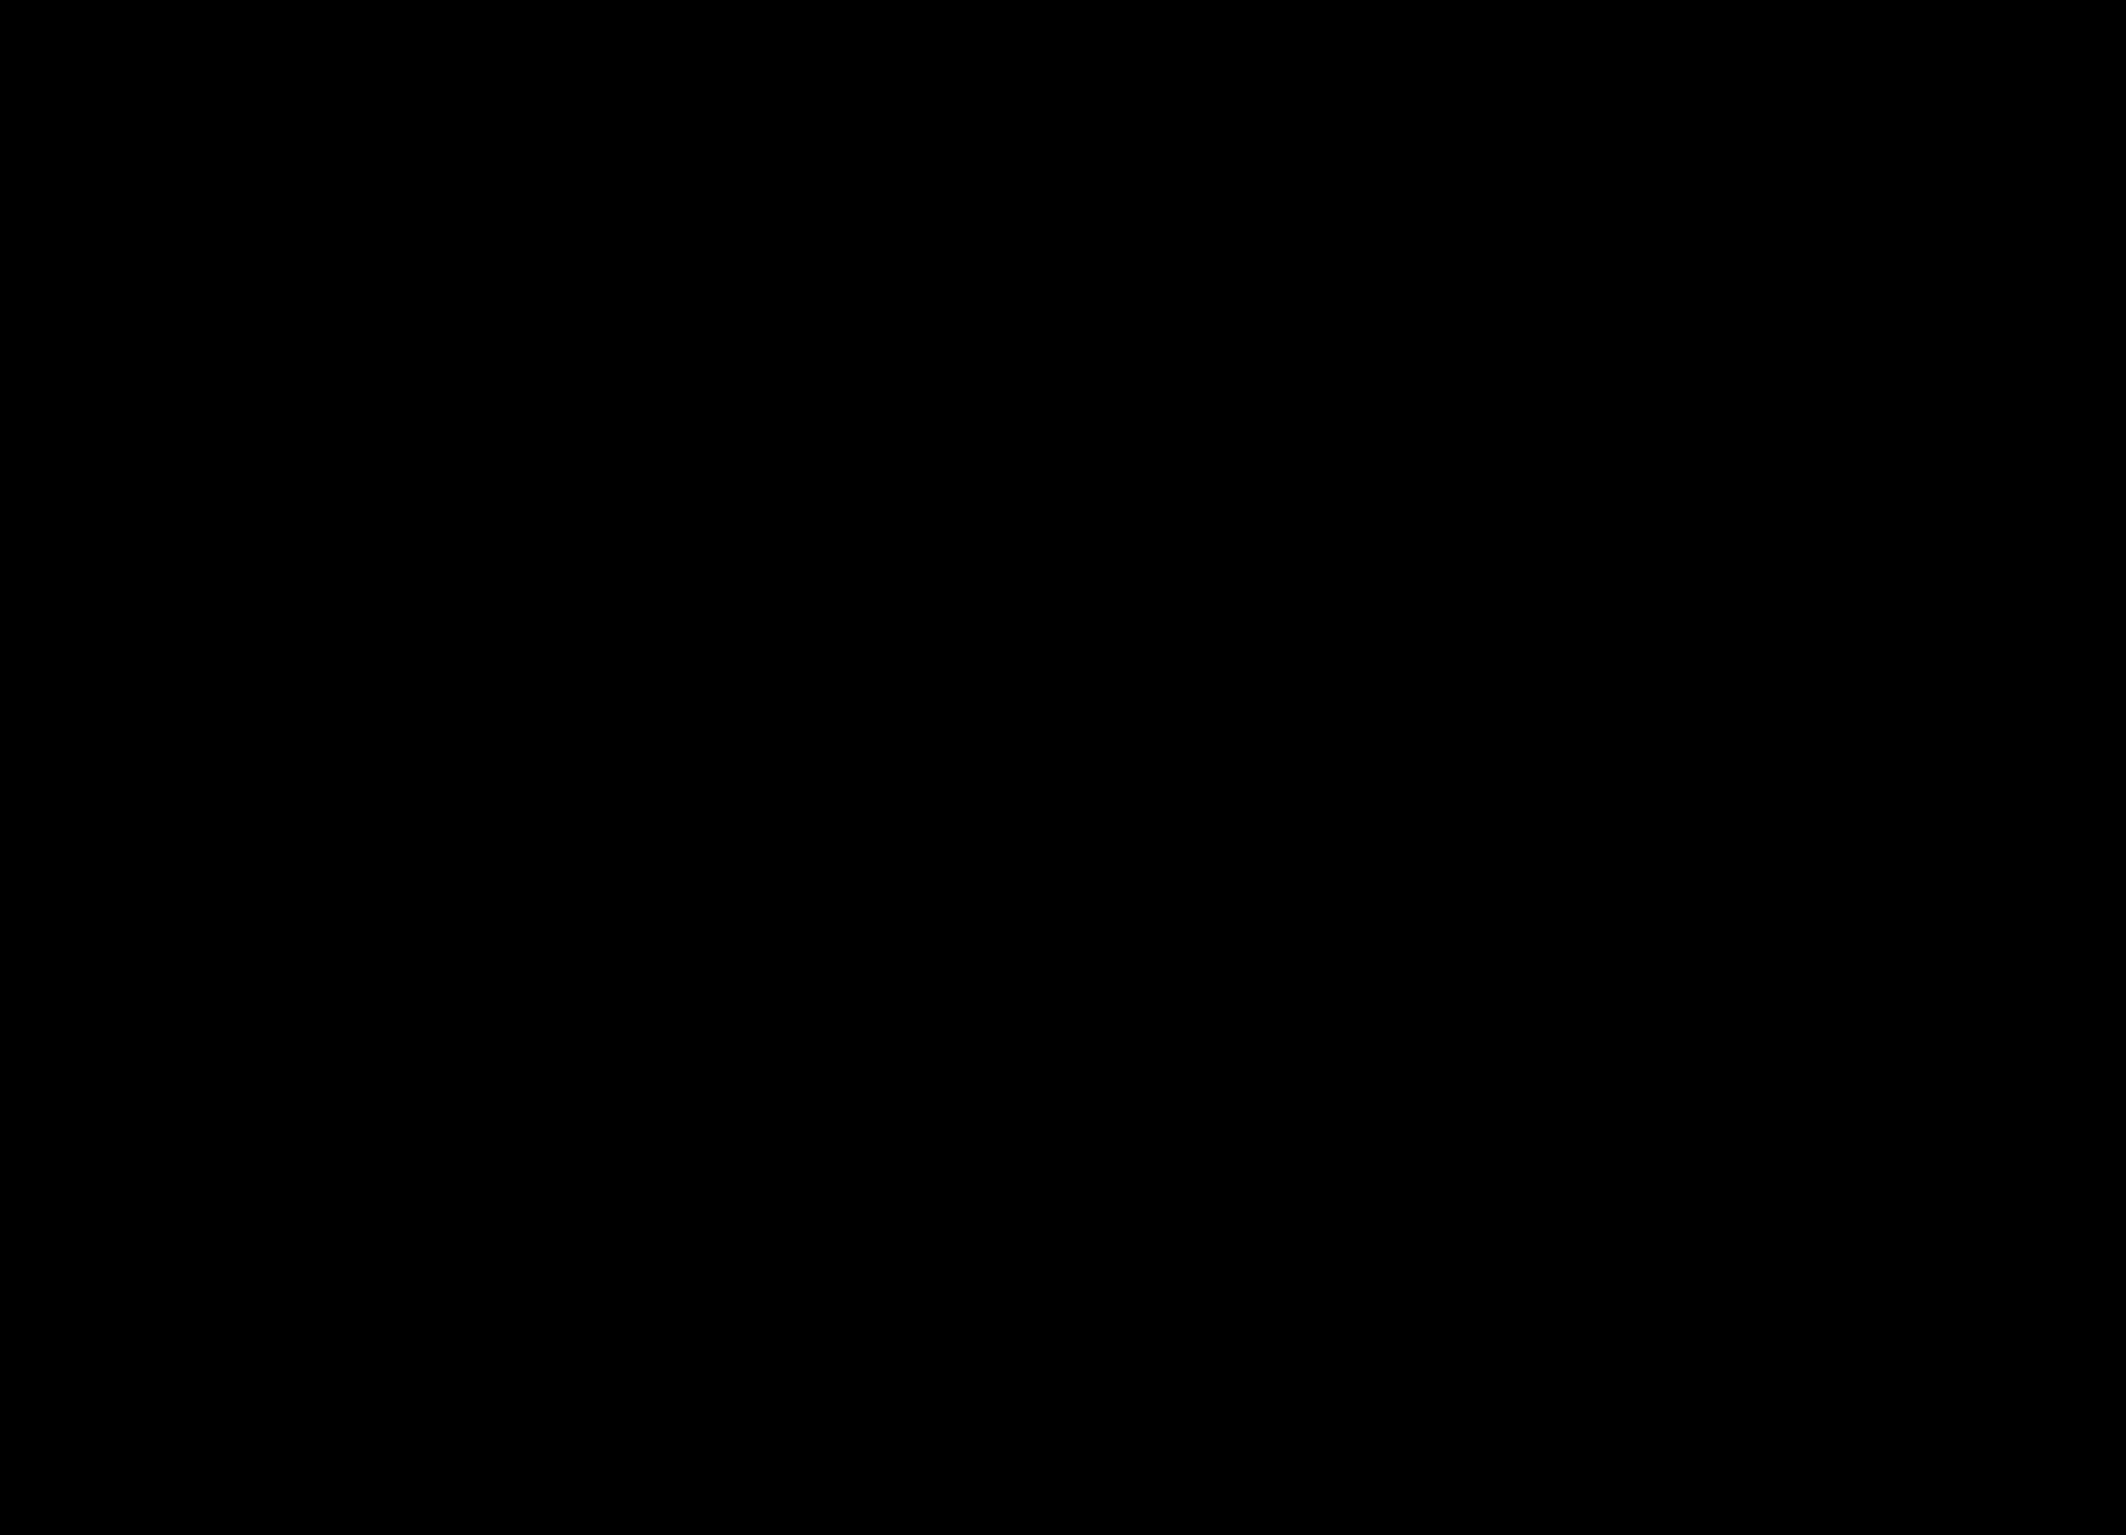 """SCHIEDEL ABSOLUT získal certifikát SENTINEL HAUS INŠTITÚTU Uspel v ďalších náročných testoch nemeckého Sentinel Haus Inštitútu a získal označenie """"prvé komínový systém pre zdravé bývanie""""."""